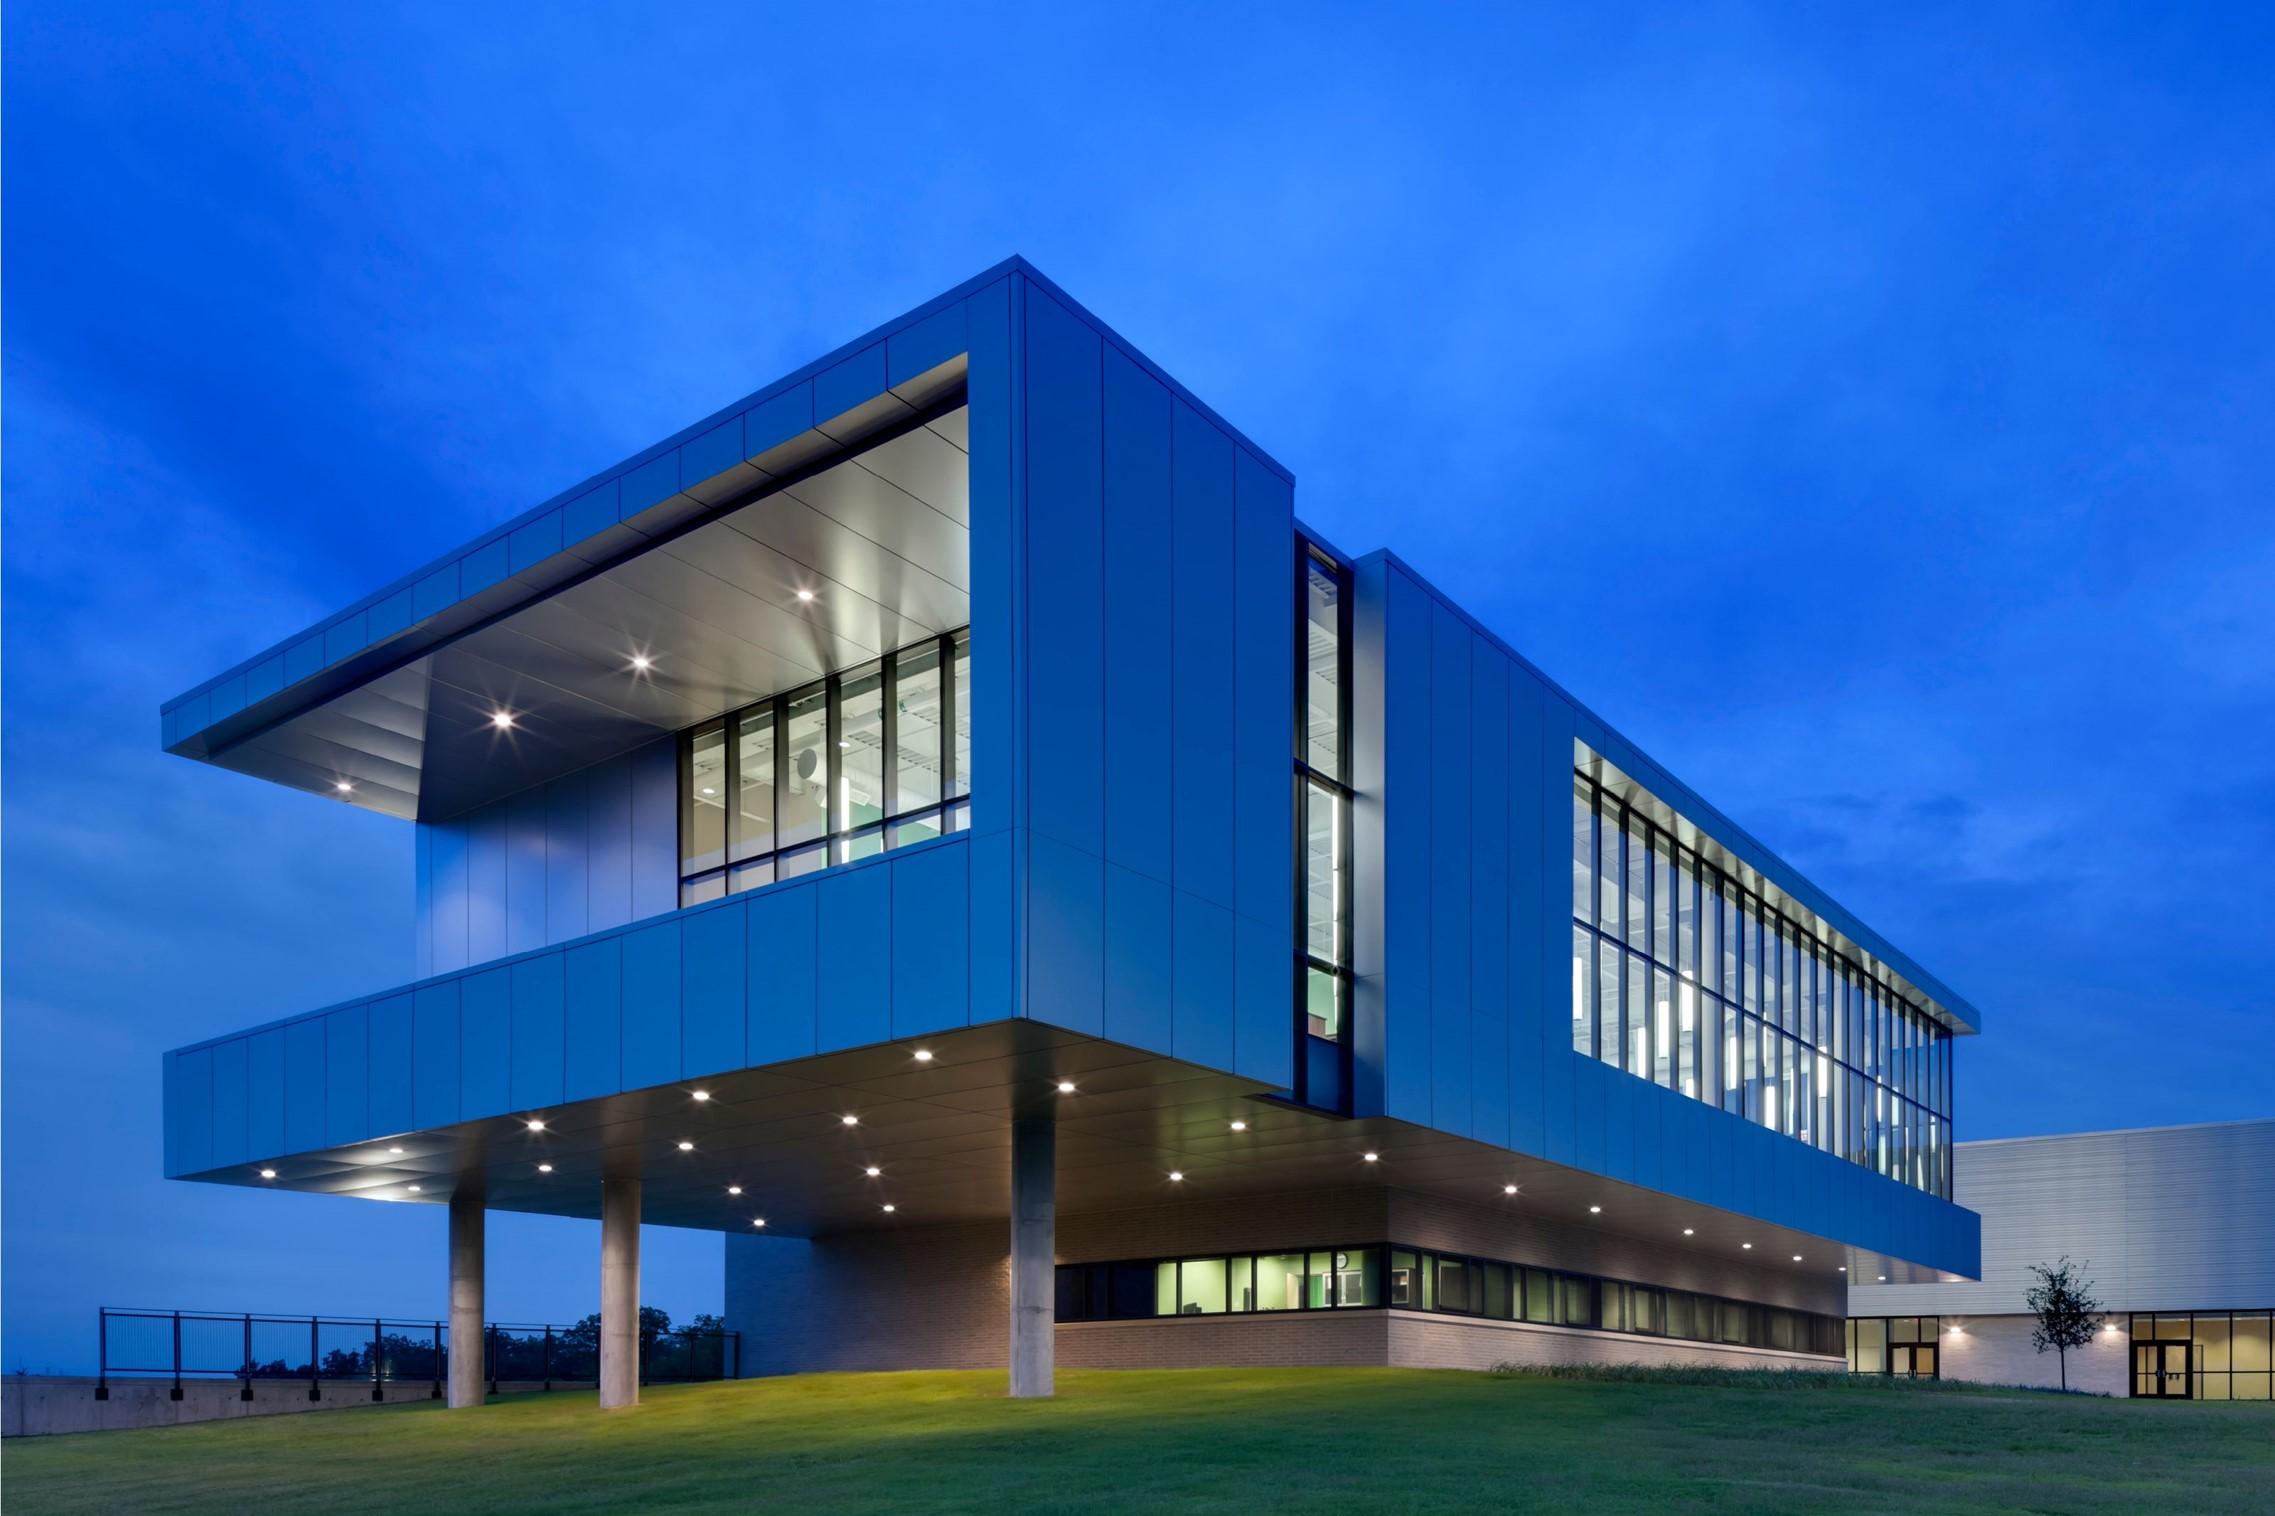 Zan wesley holmes jr middle school architect magazine for Smr landscape architects